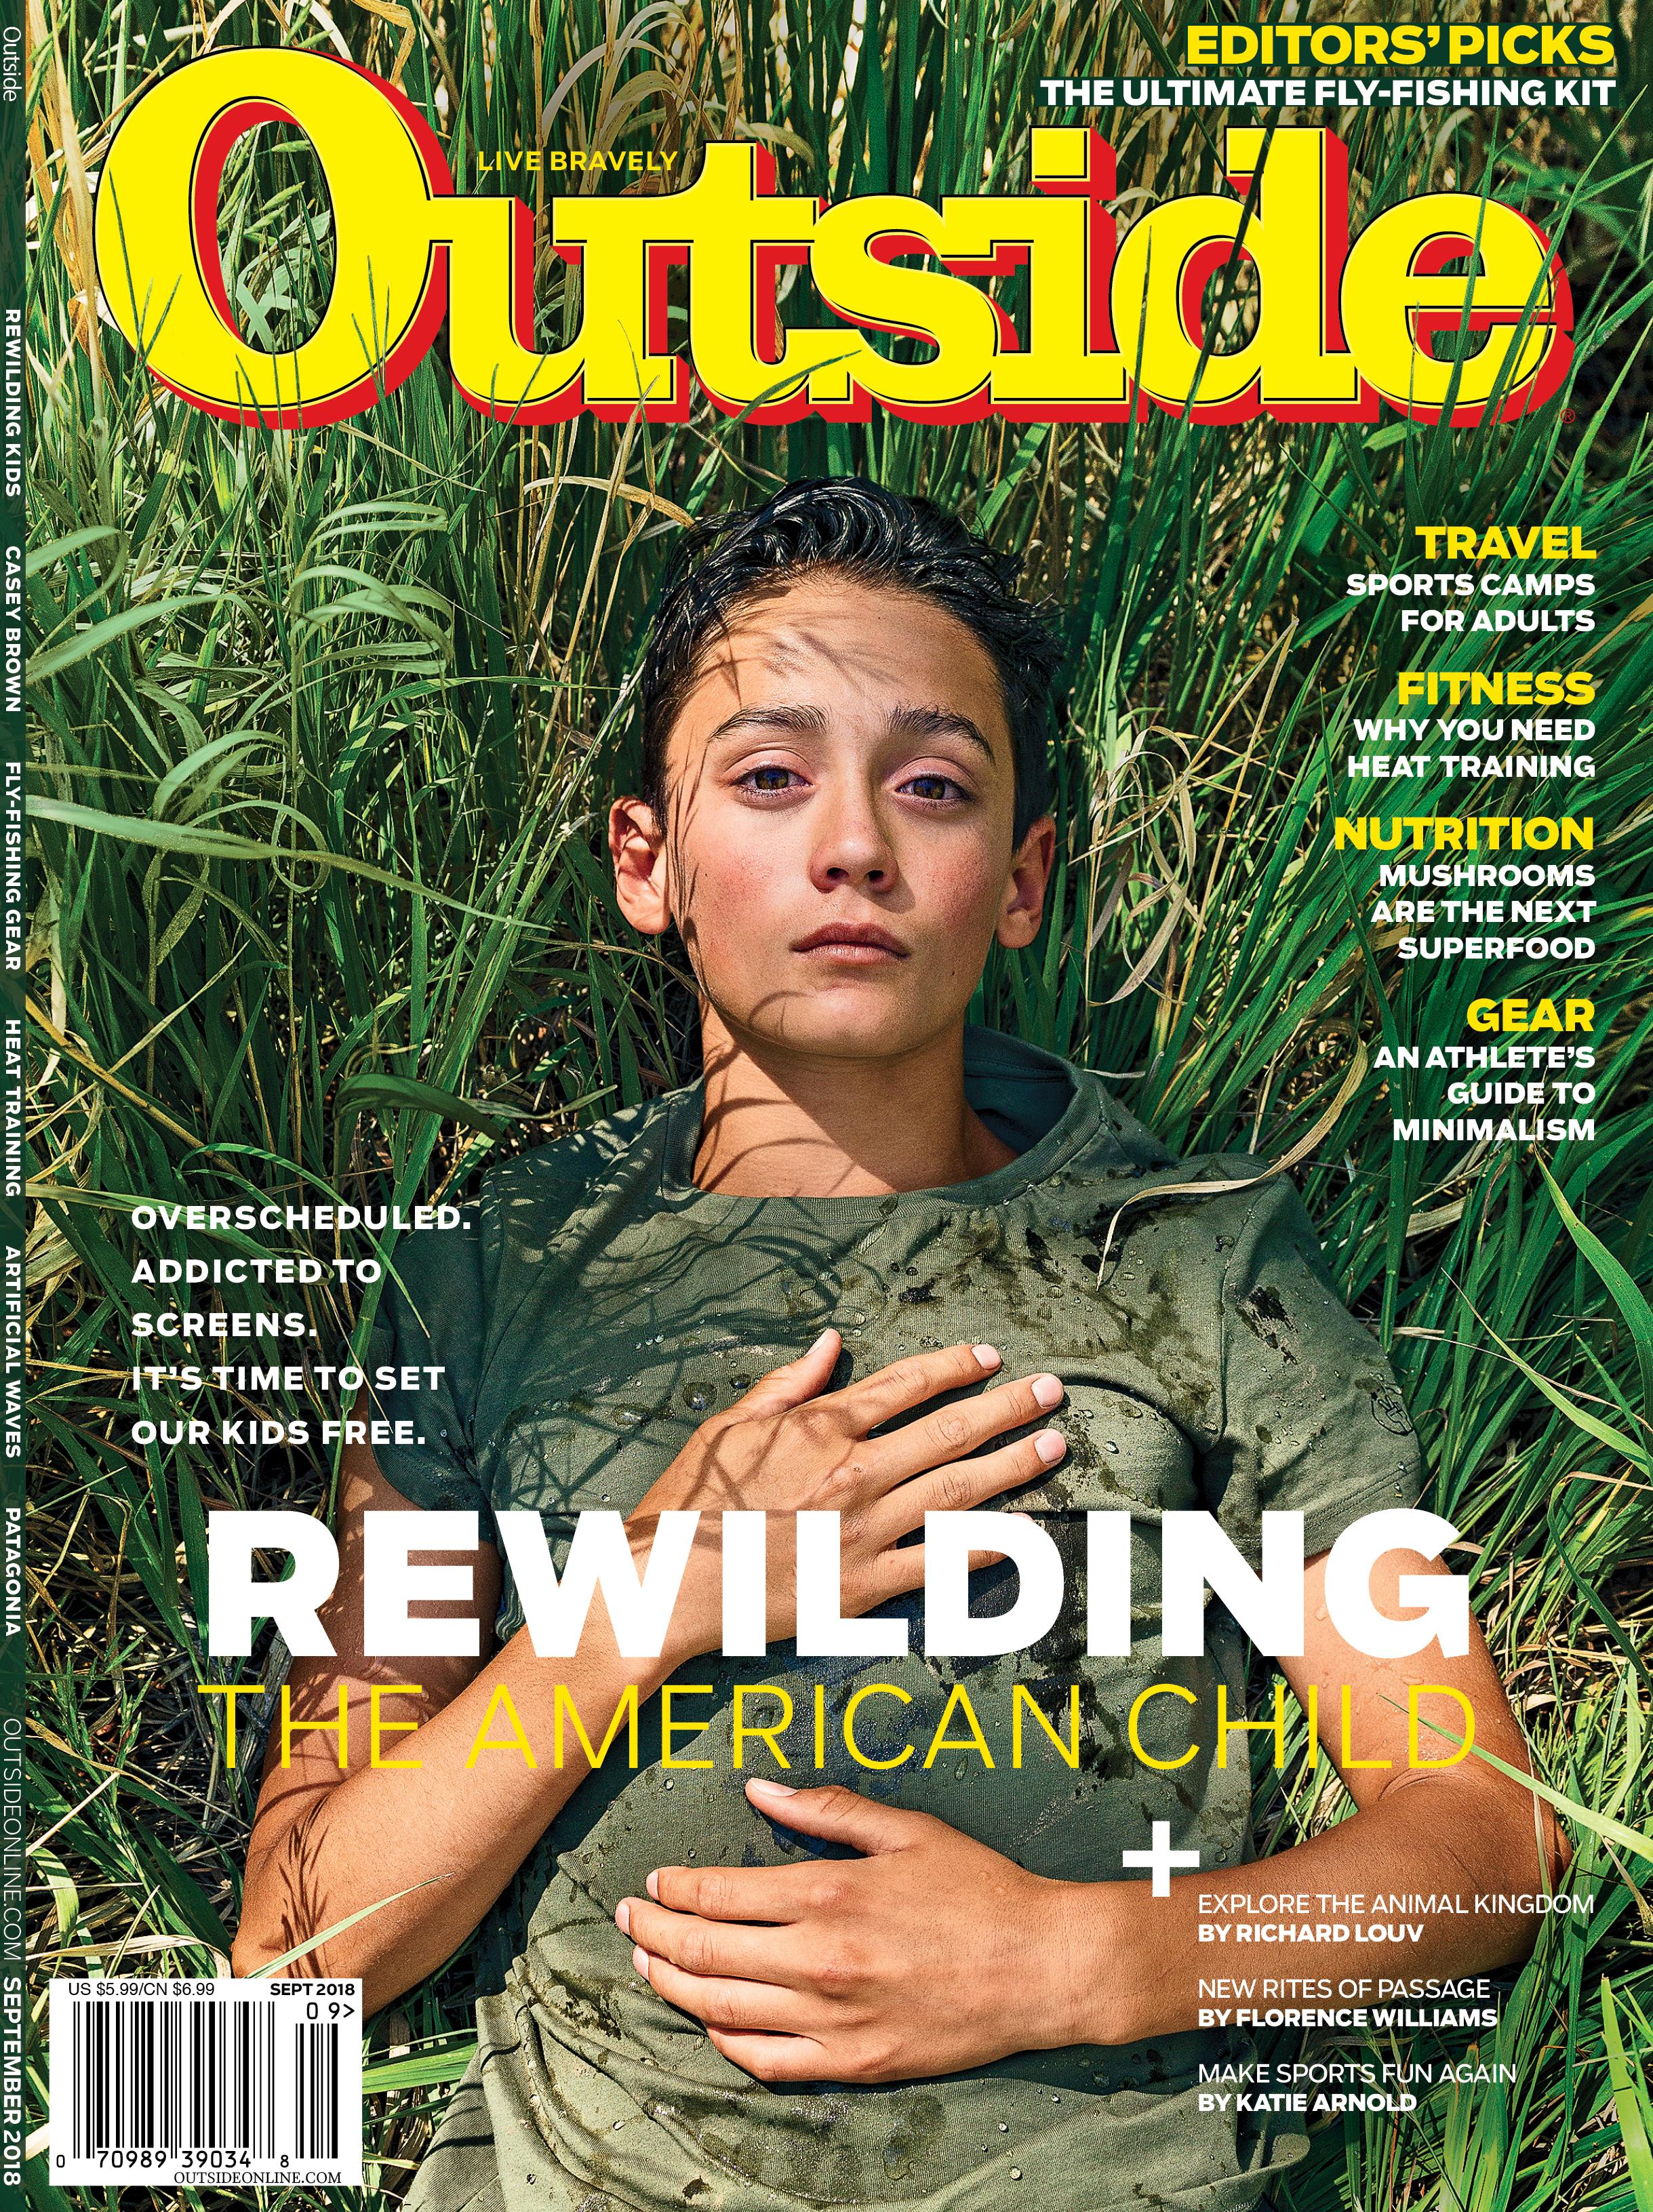 Outside Magazine - E-43194-950.jpg